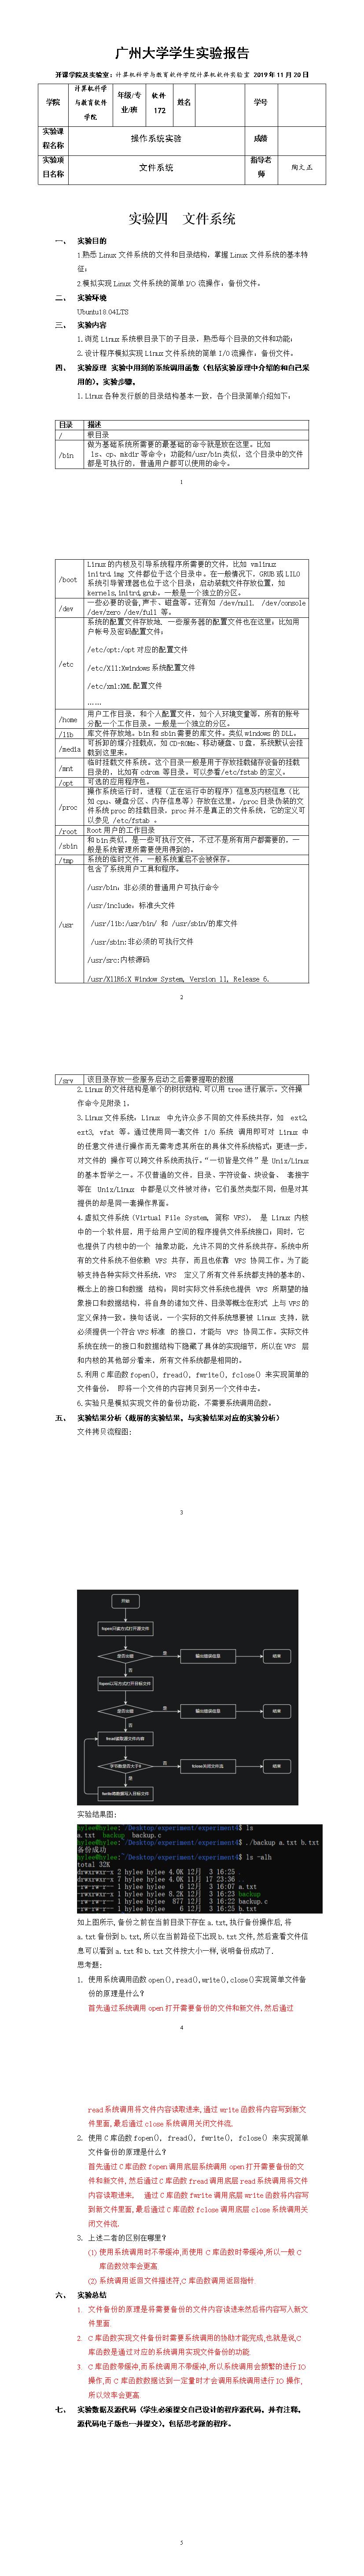 2019广州大学操作系统实验四